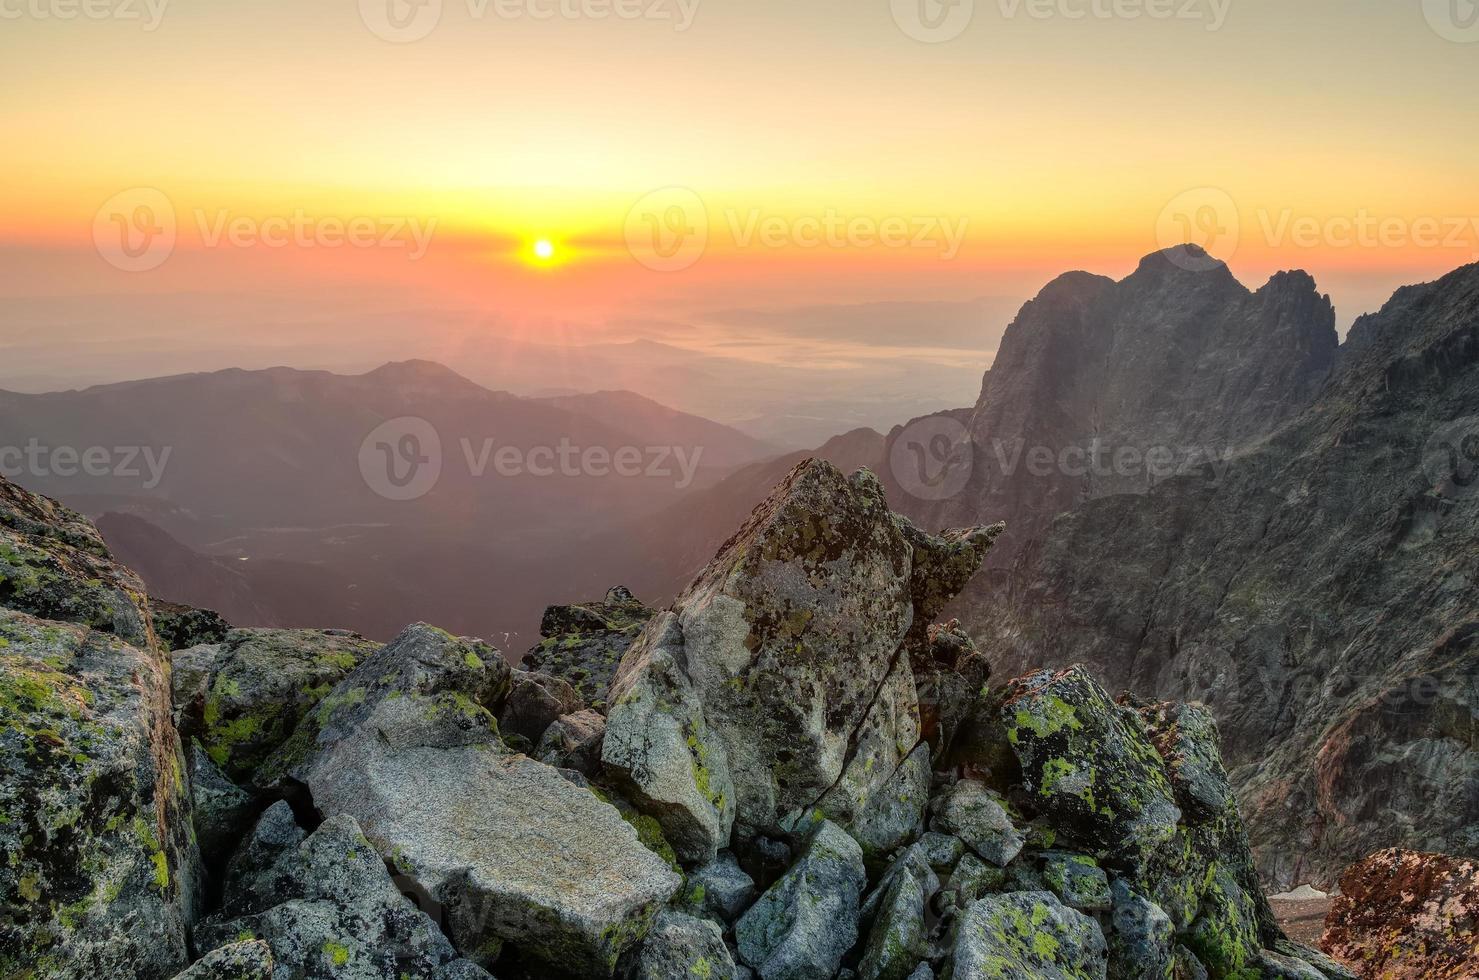 Sommerlandschaft. Sonnenaufgang in den Bergen. foto